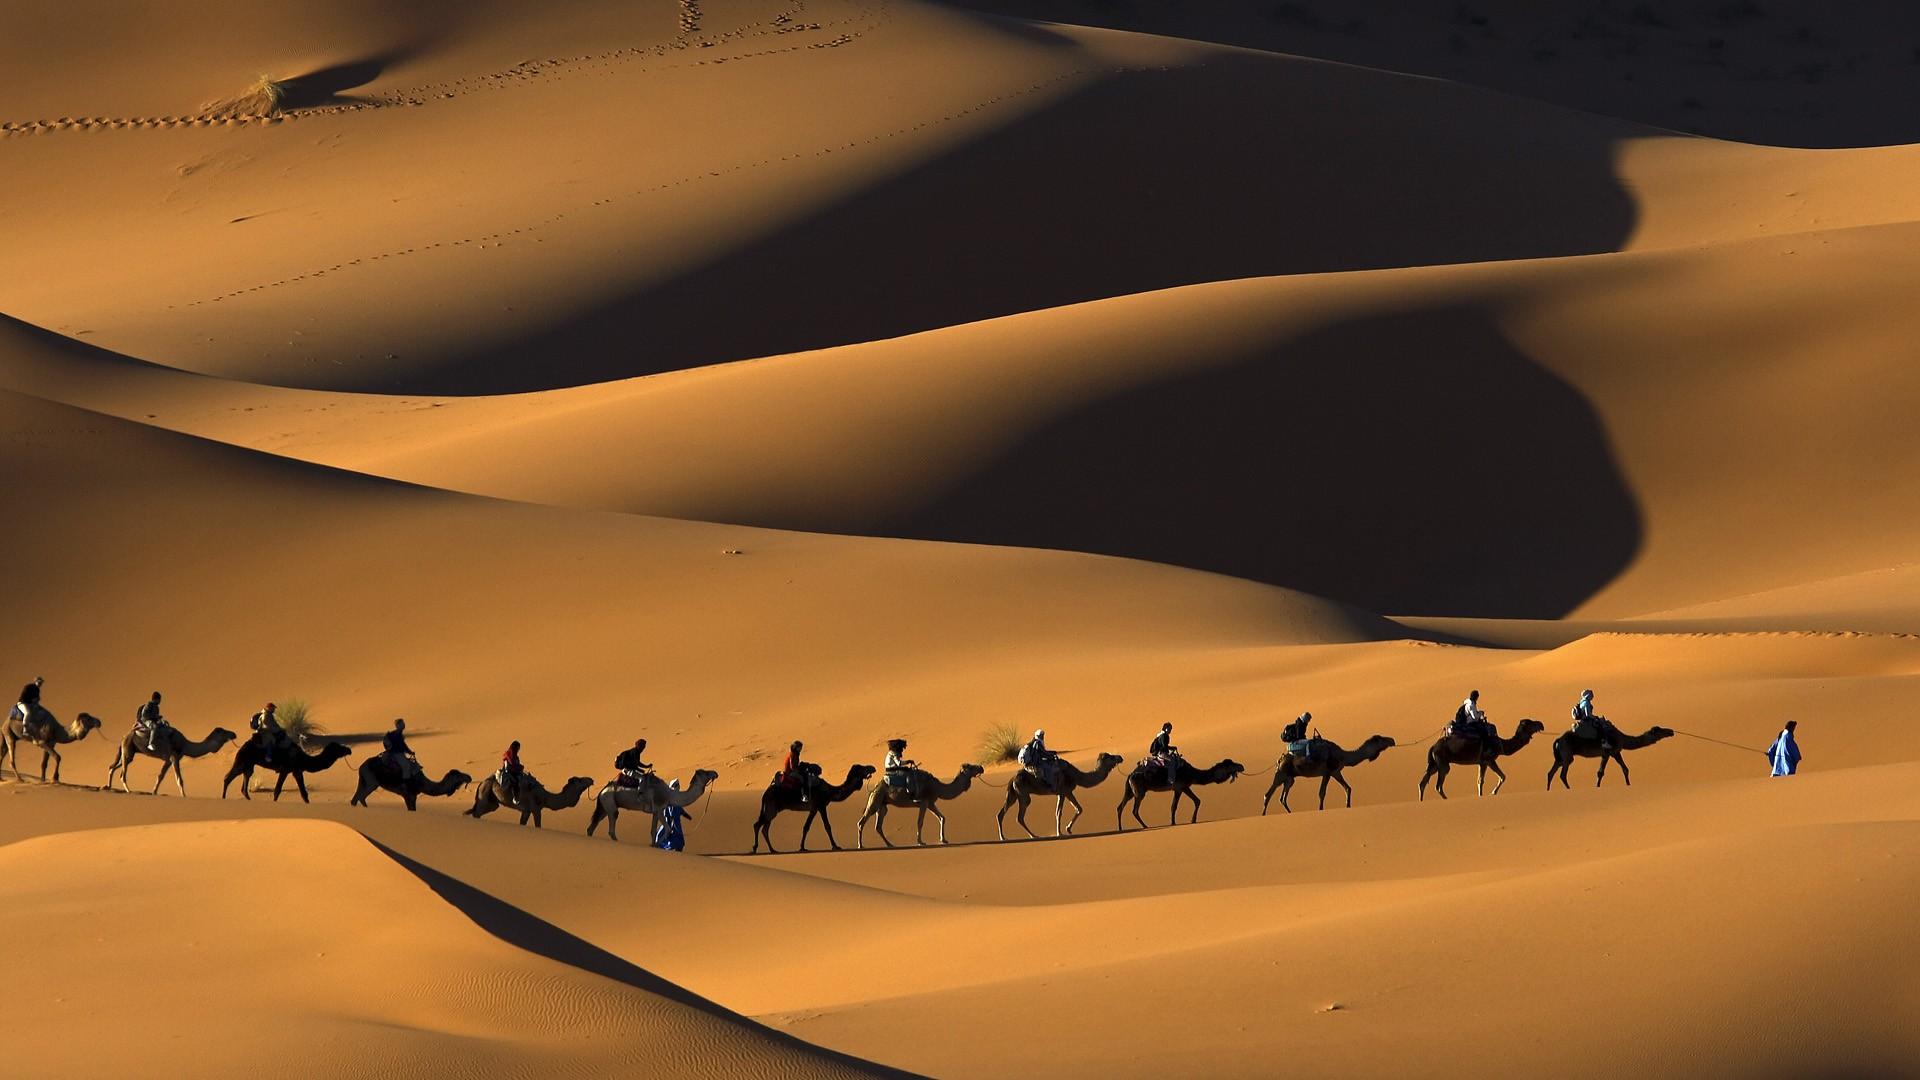 Музыка в пустыне  № 3622285 без смс